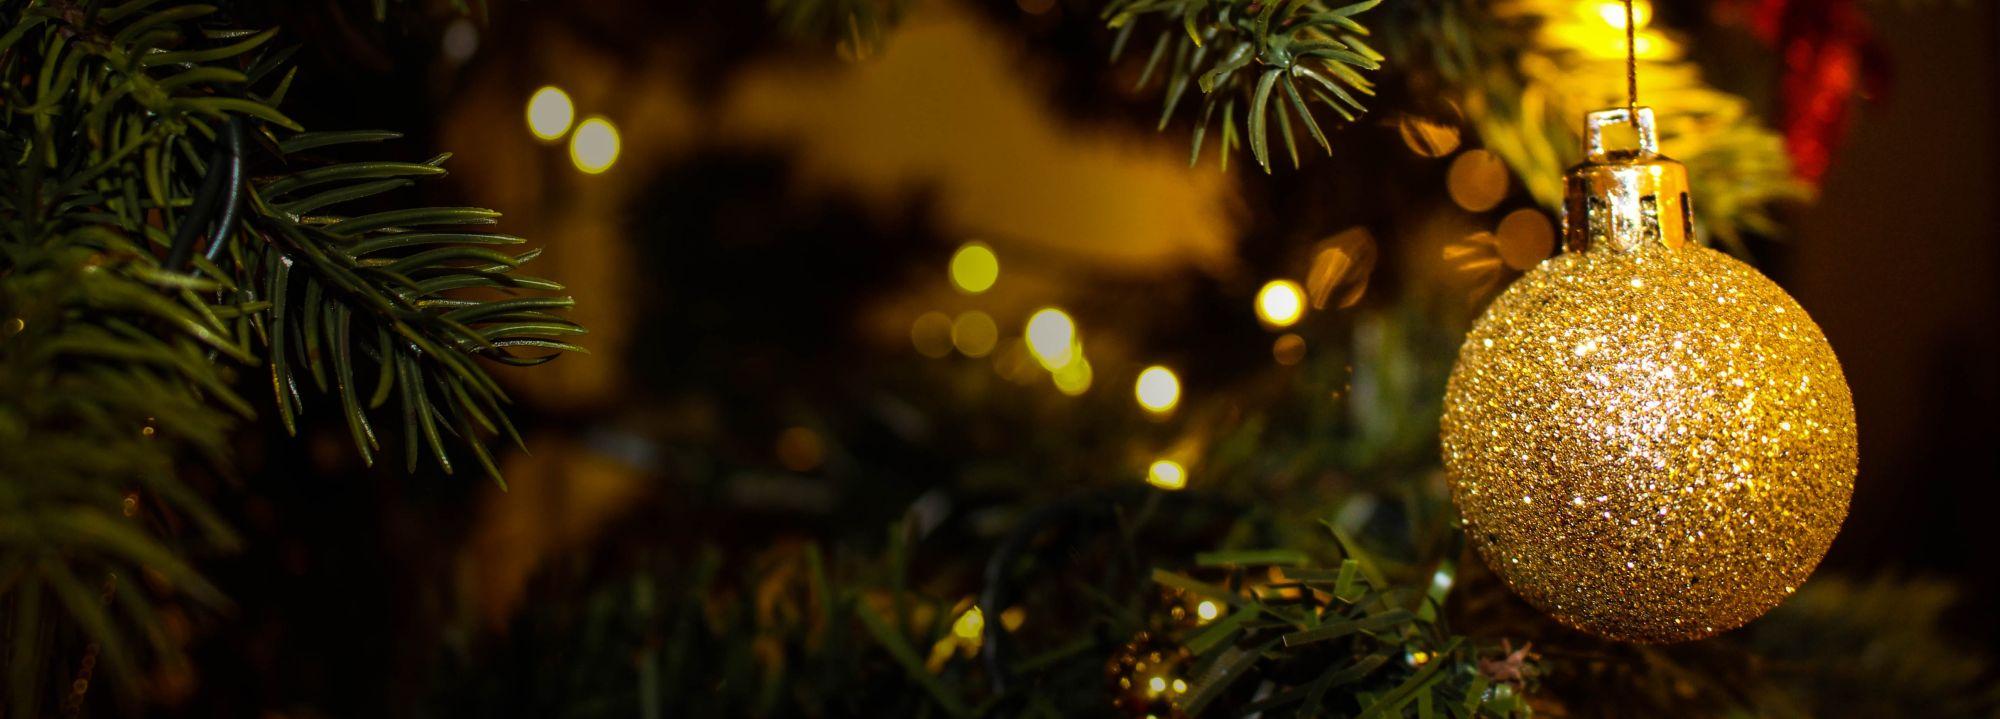 Sărbători de Crăciun la înălțime